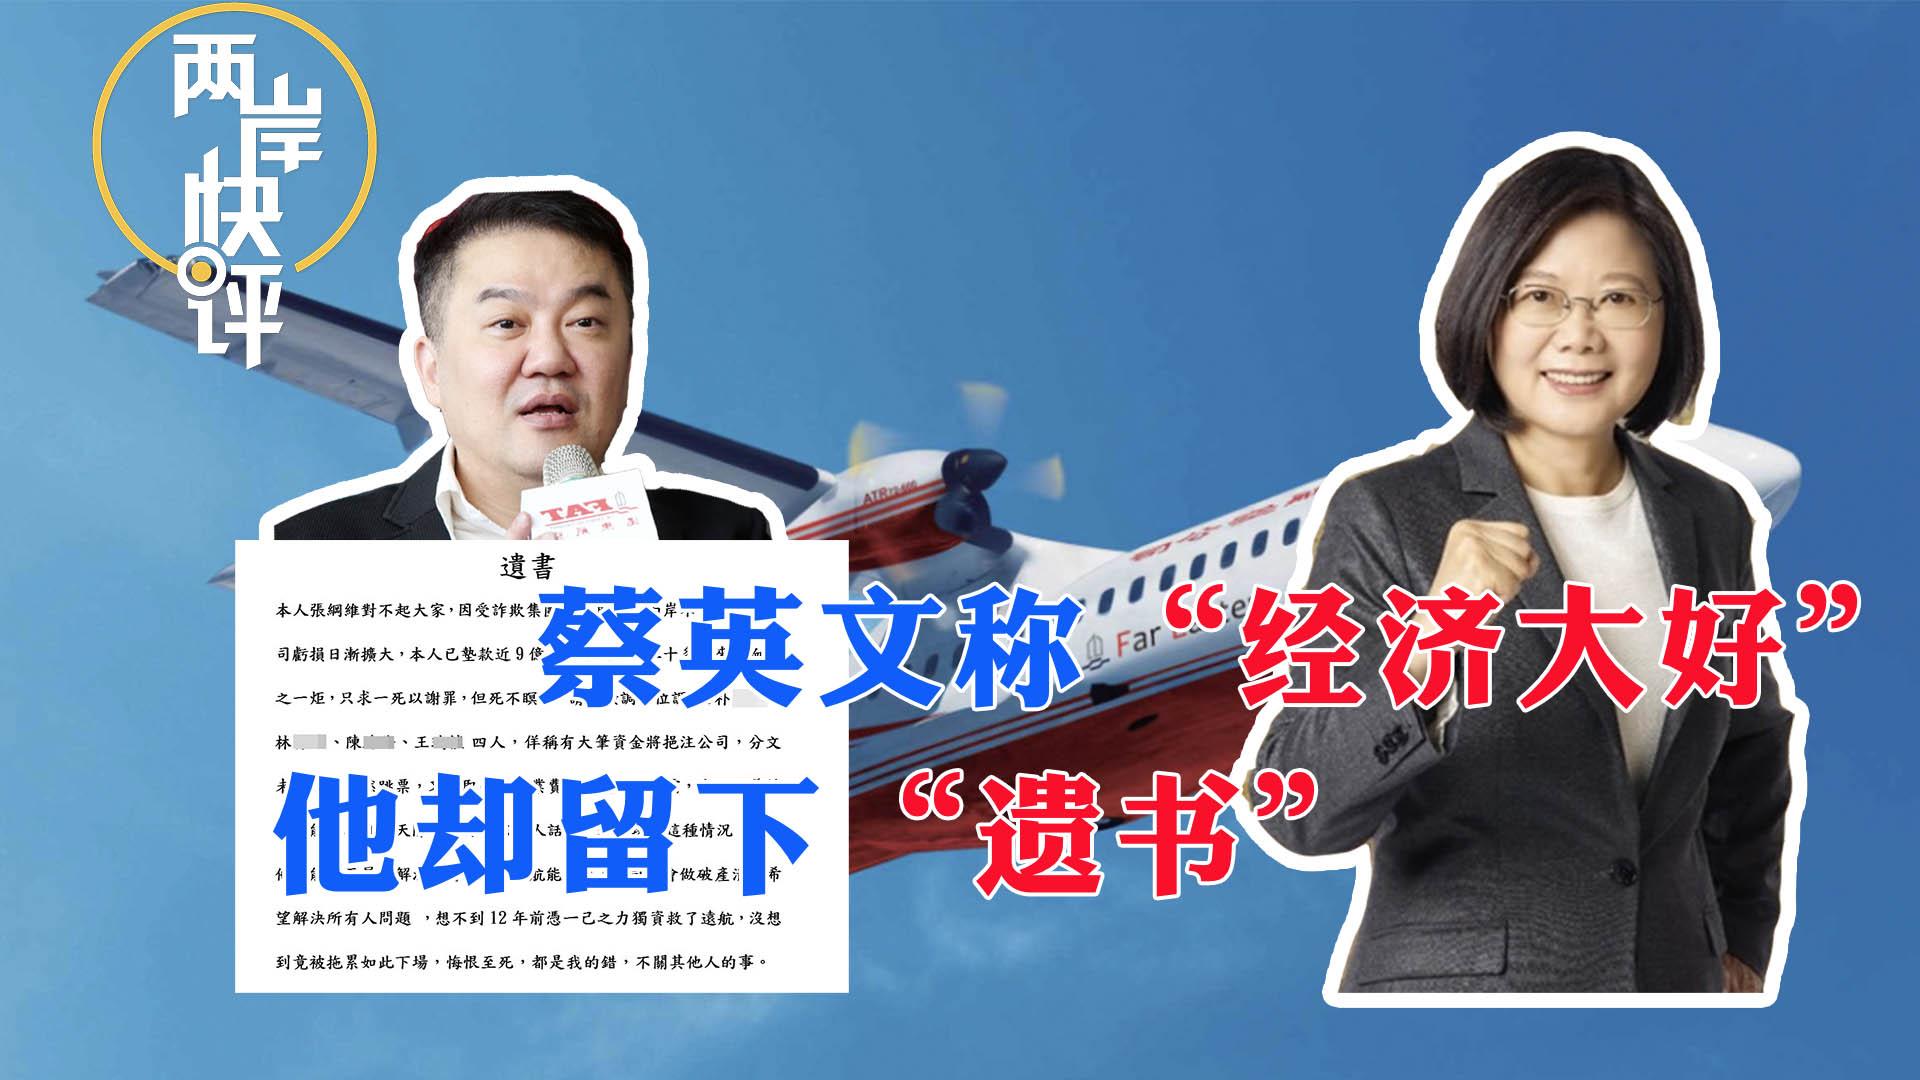 """就在蔡英文稱""""臺灣經濟穩穩前進""""之時,遠航公司停飛他寫下""""遺書""""圖片"""